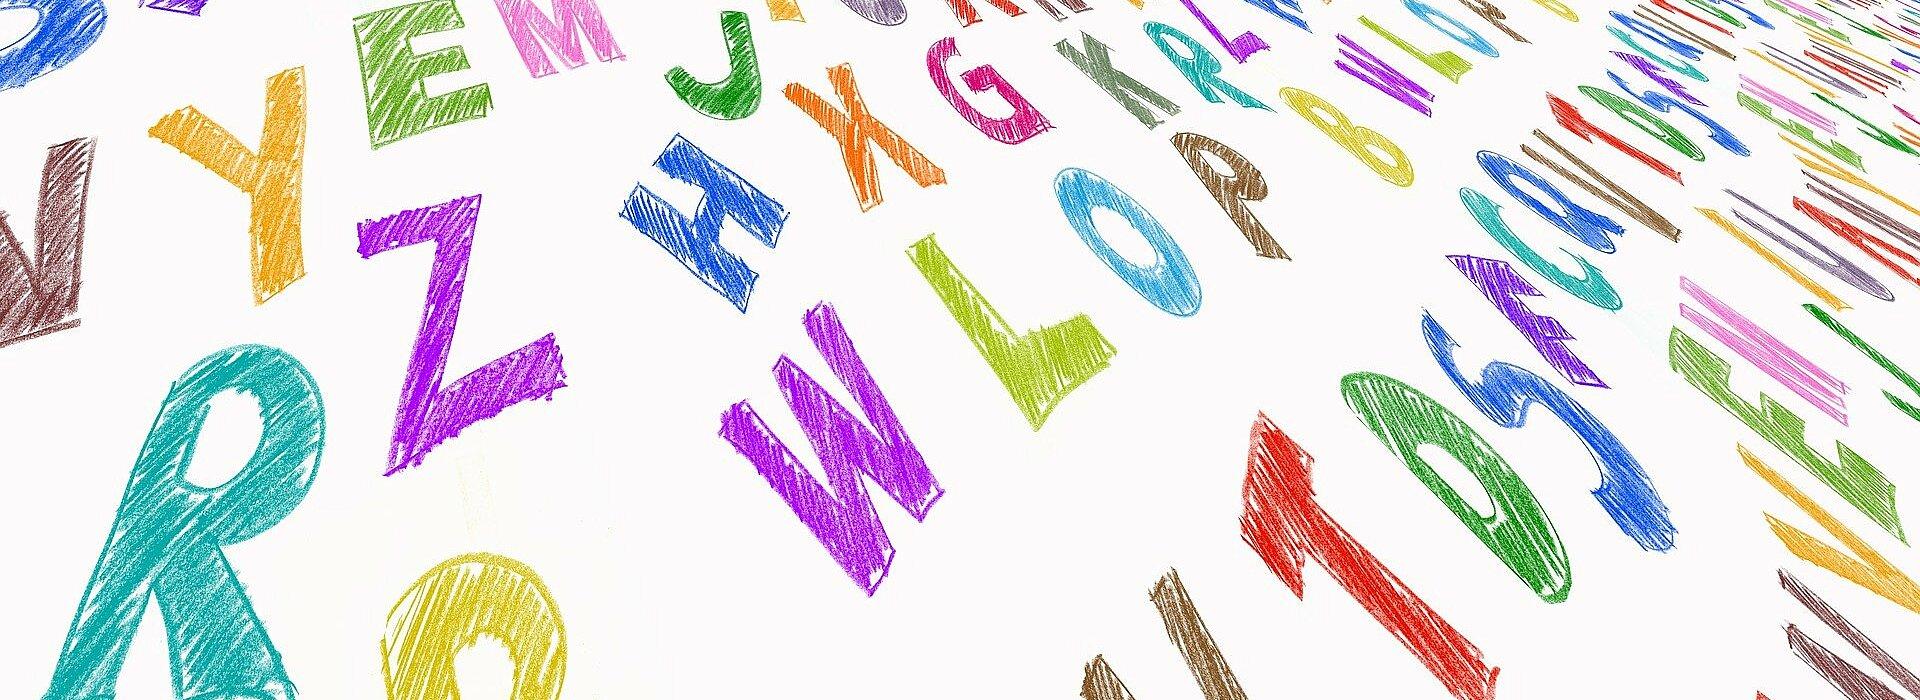 Diversas letras do alfabeto estão espelhadas pela foto. Elas têm diferentes cores e formatos.s